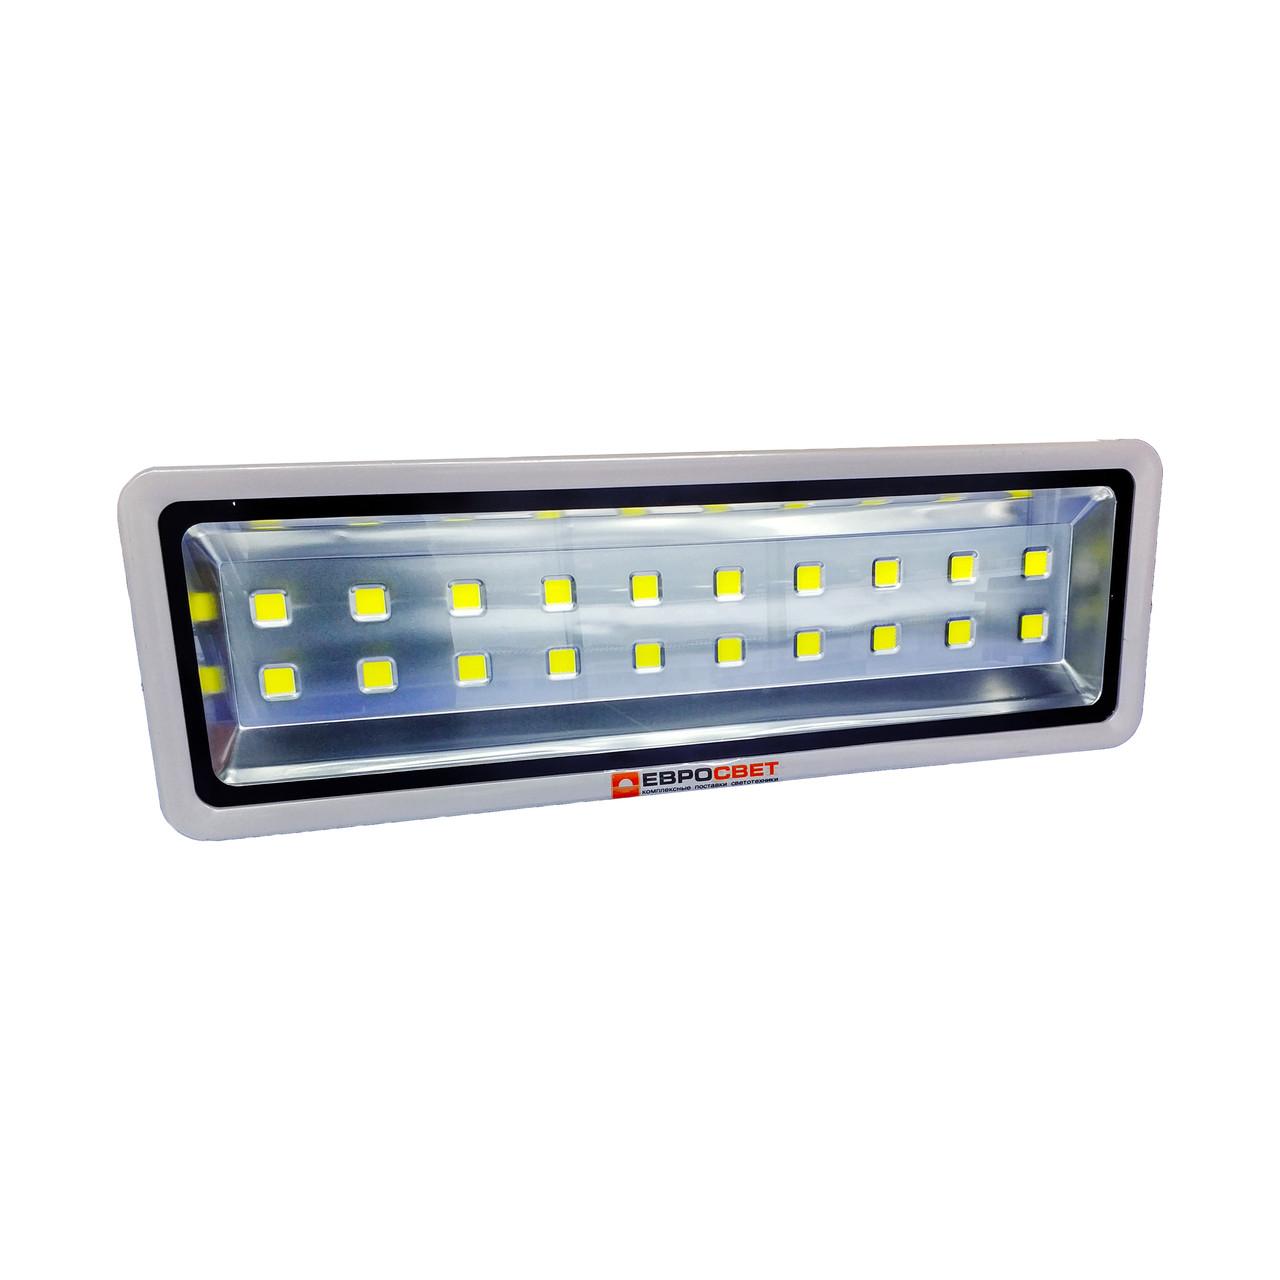 LED Прожектор Евросвет 750W 6400K IP65 67500Lm EV-750-01